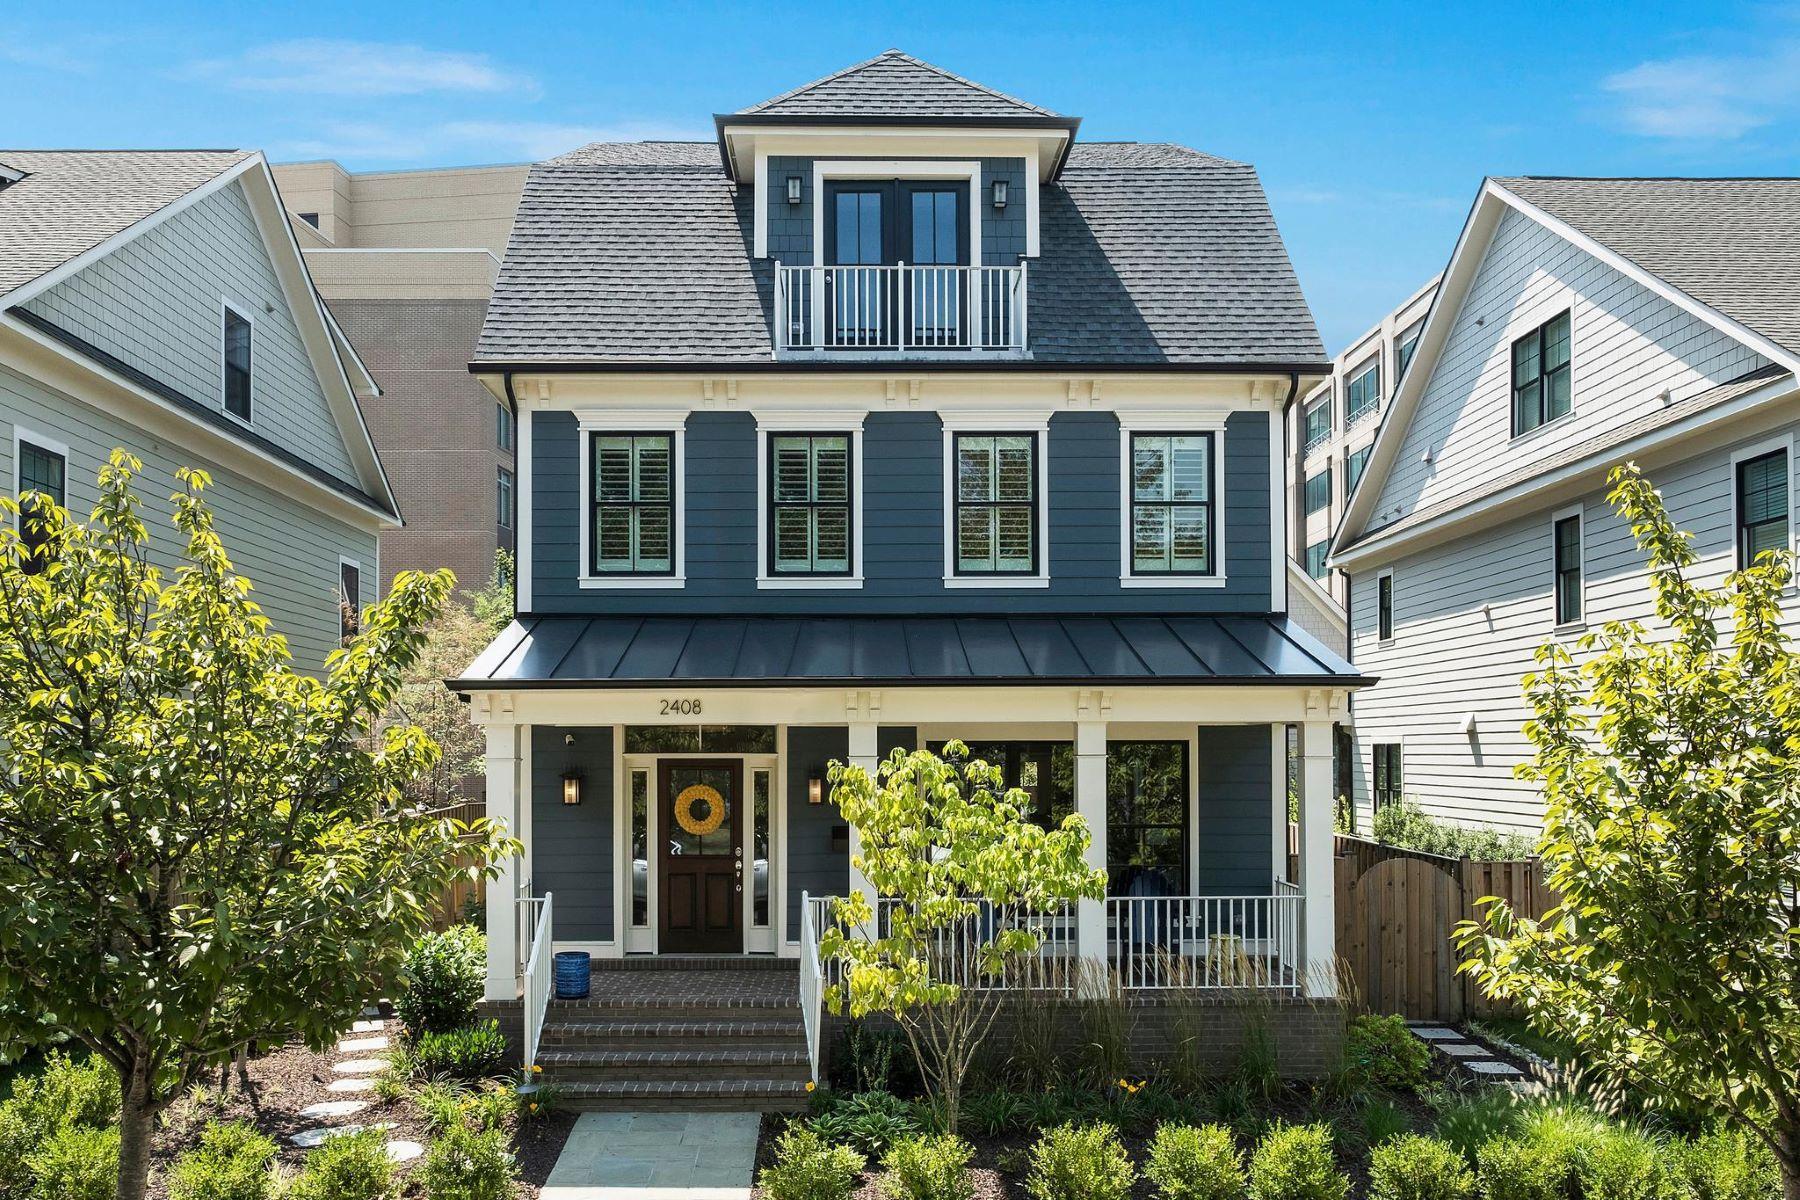 Single Family Homes pour l Vente à 2408 16th St N Arlington, Virginia 22201 États-Unis